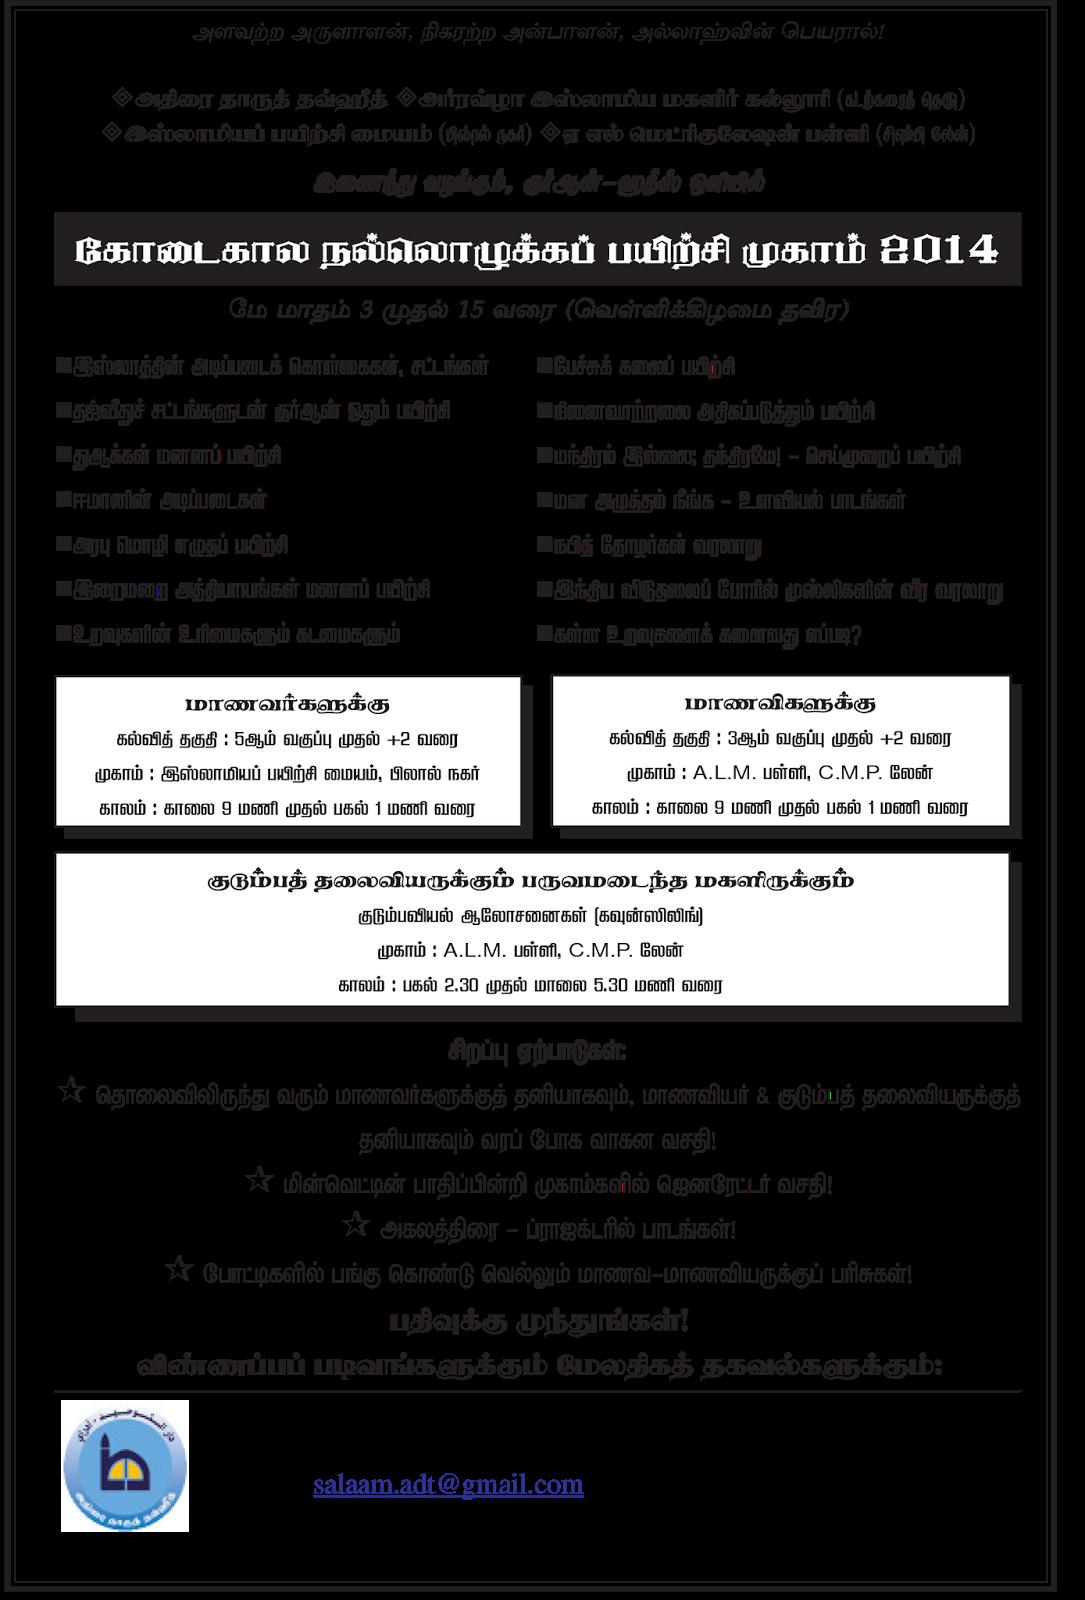 அதிரையில் கோடைகால நல்லொழுக்கப் பயிற்சி முகாம் 2014